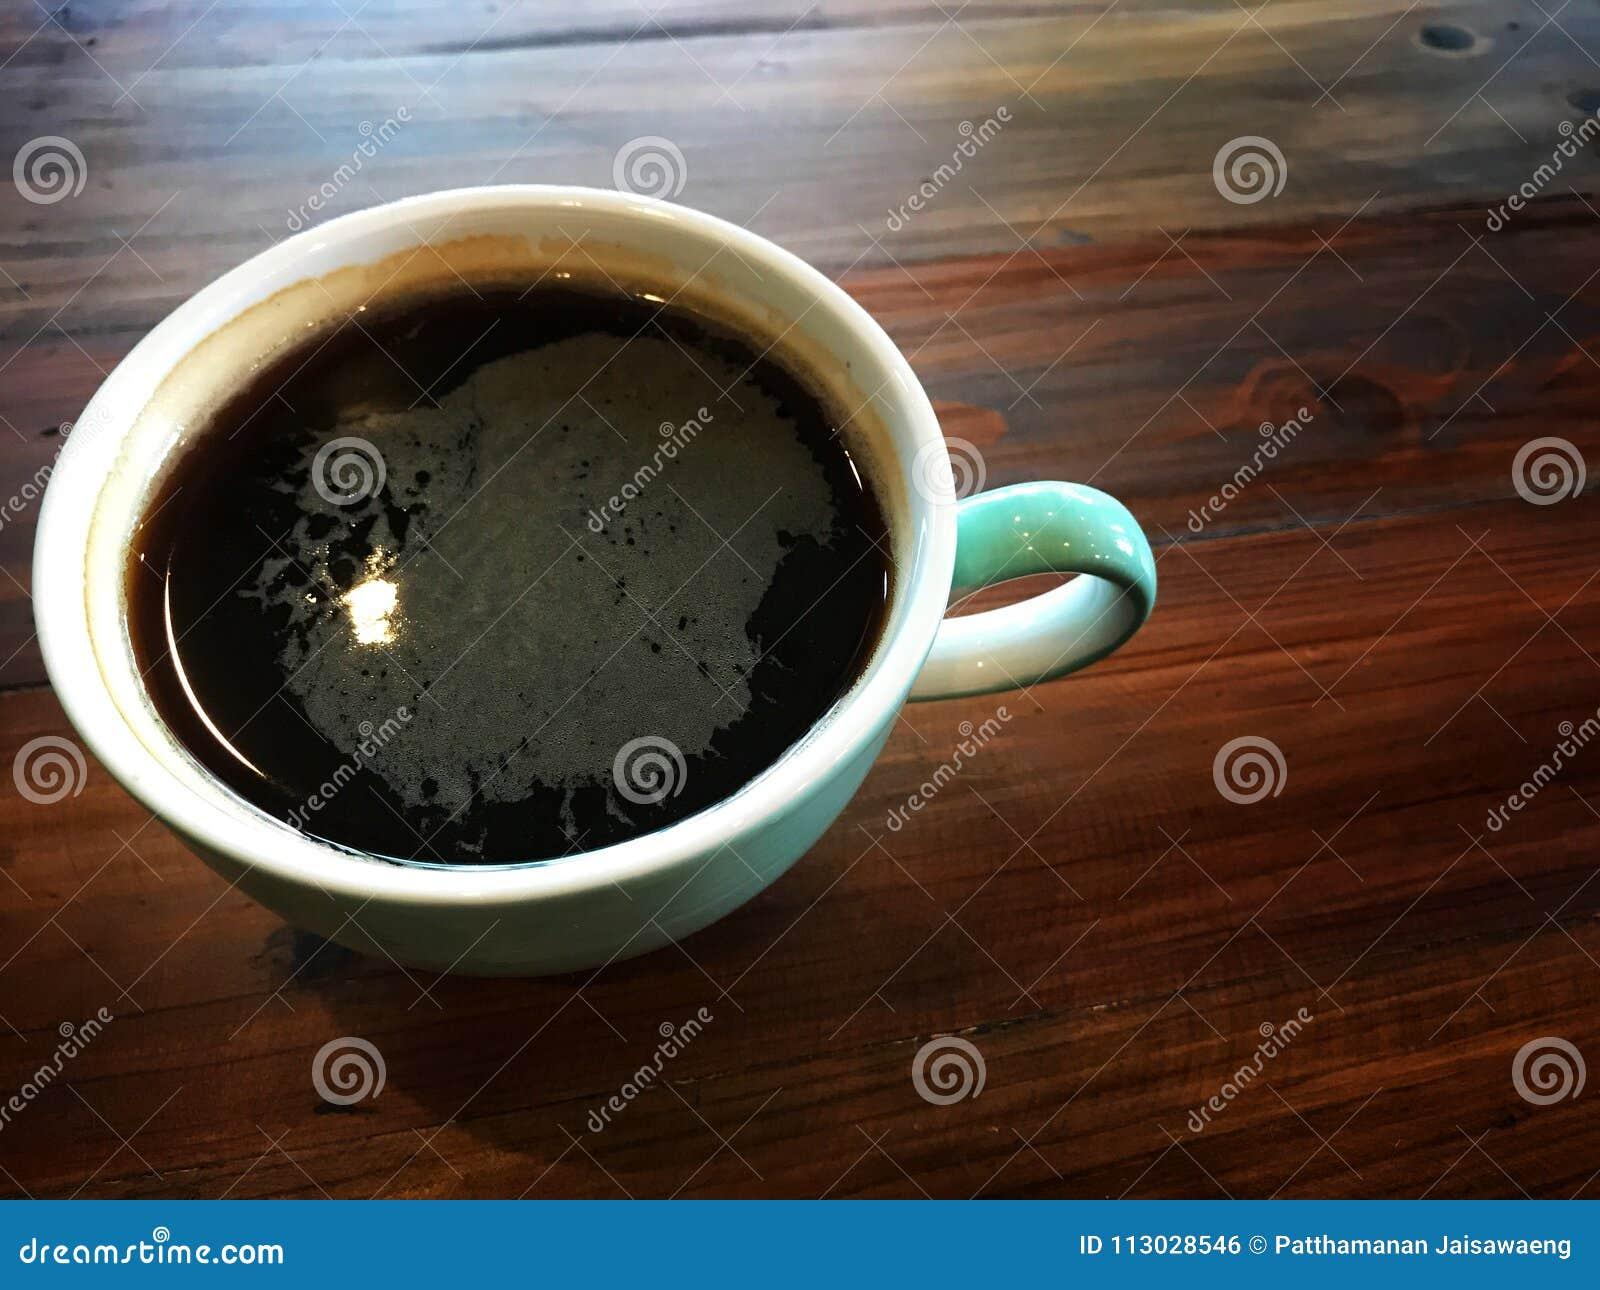 El café sólo despierta me, el café sólo en la taza blanca y verde